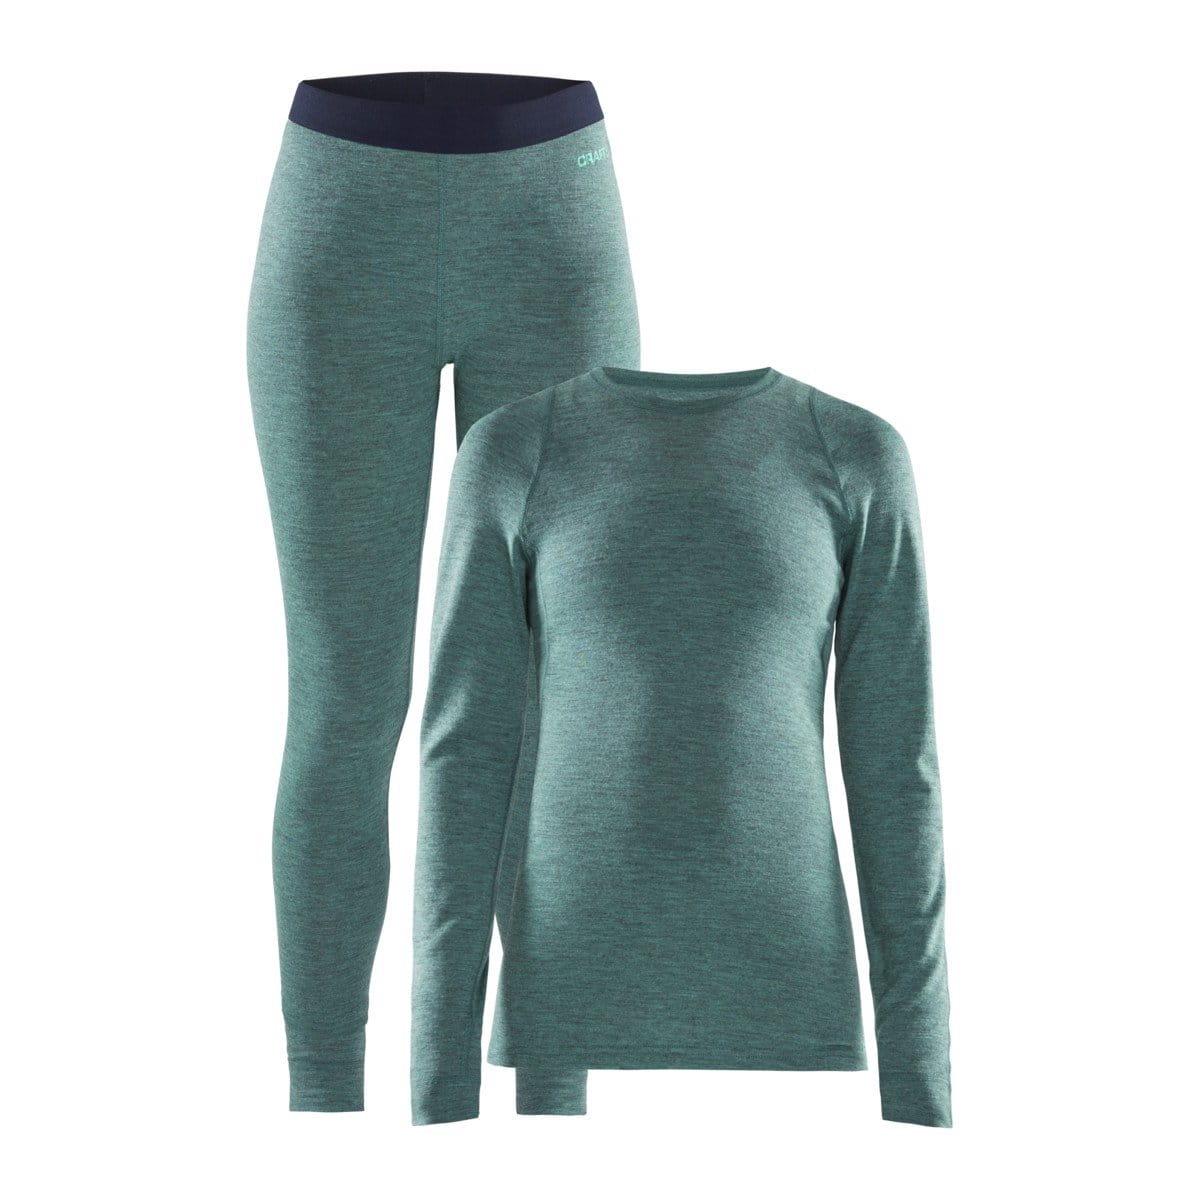 Spodní prádlo Craft W Set Merino 180 zelená